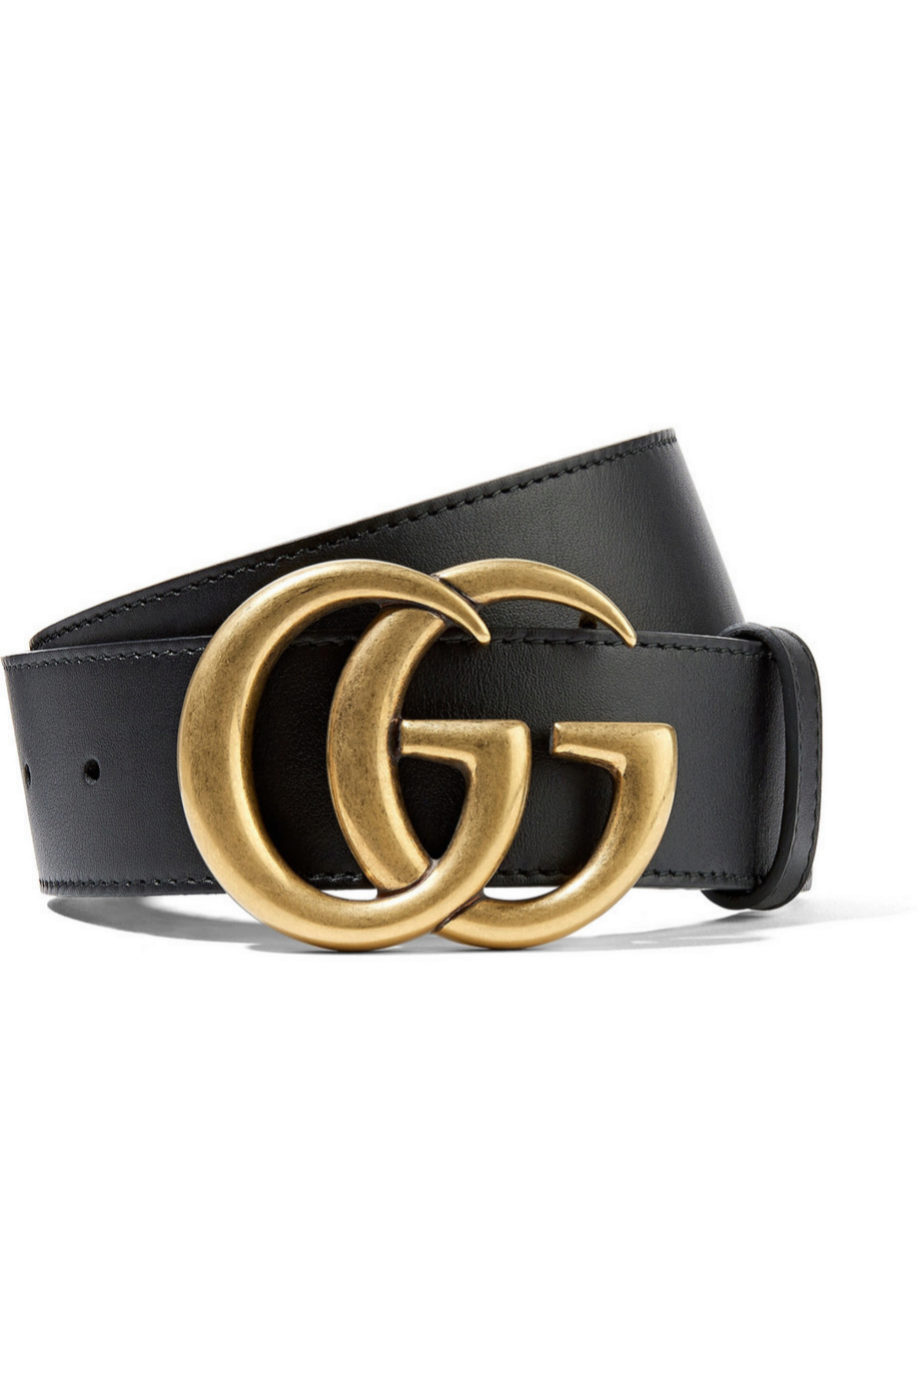 Cinturón de piel en color negro de Gucci para Net a Porter (360¤)